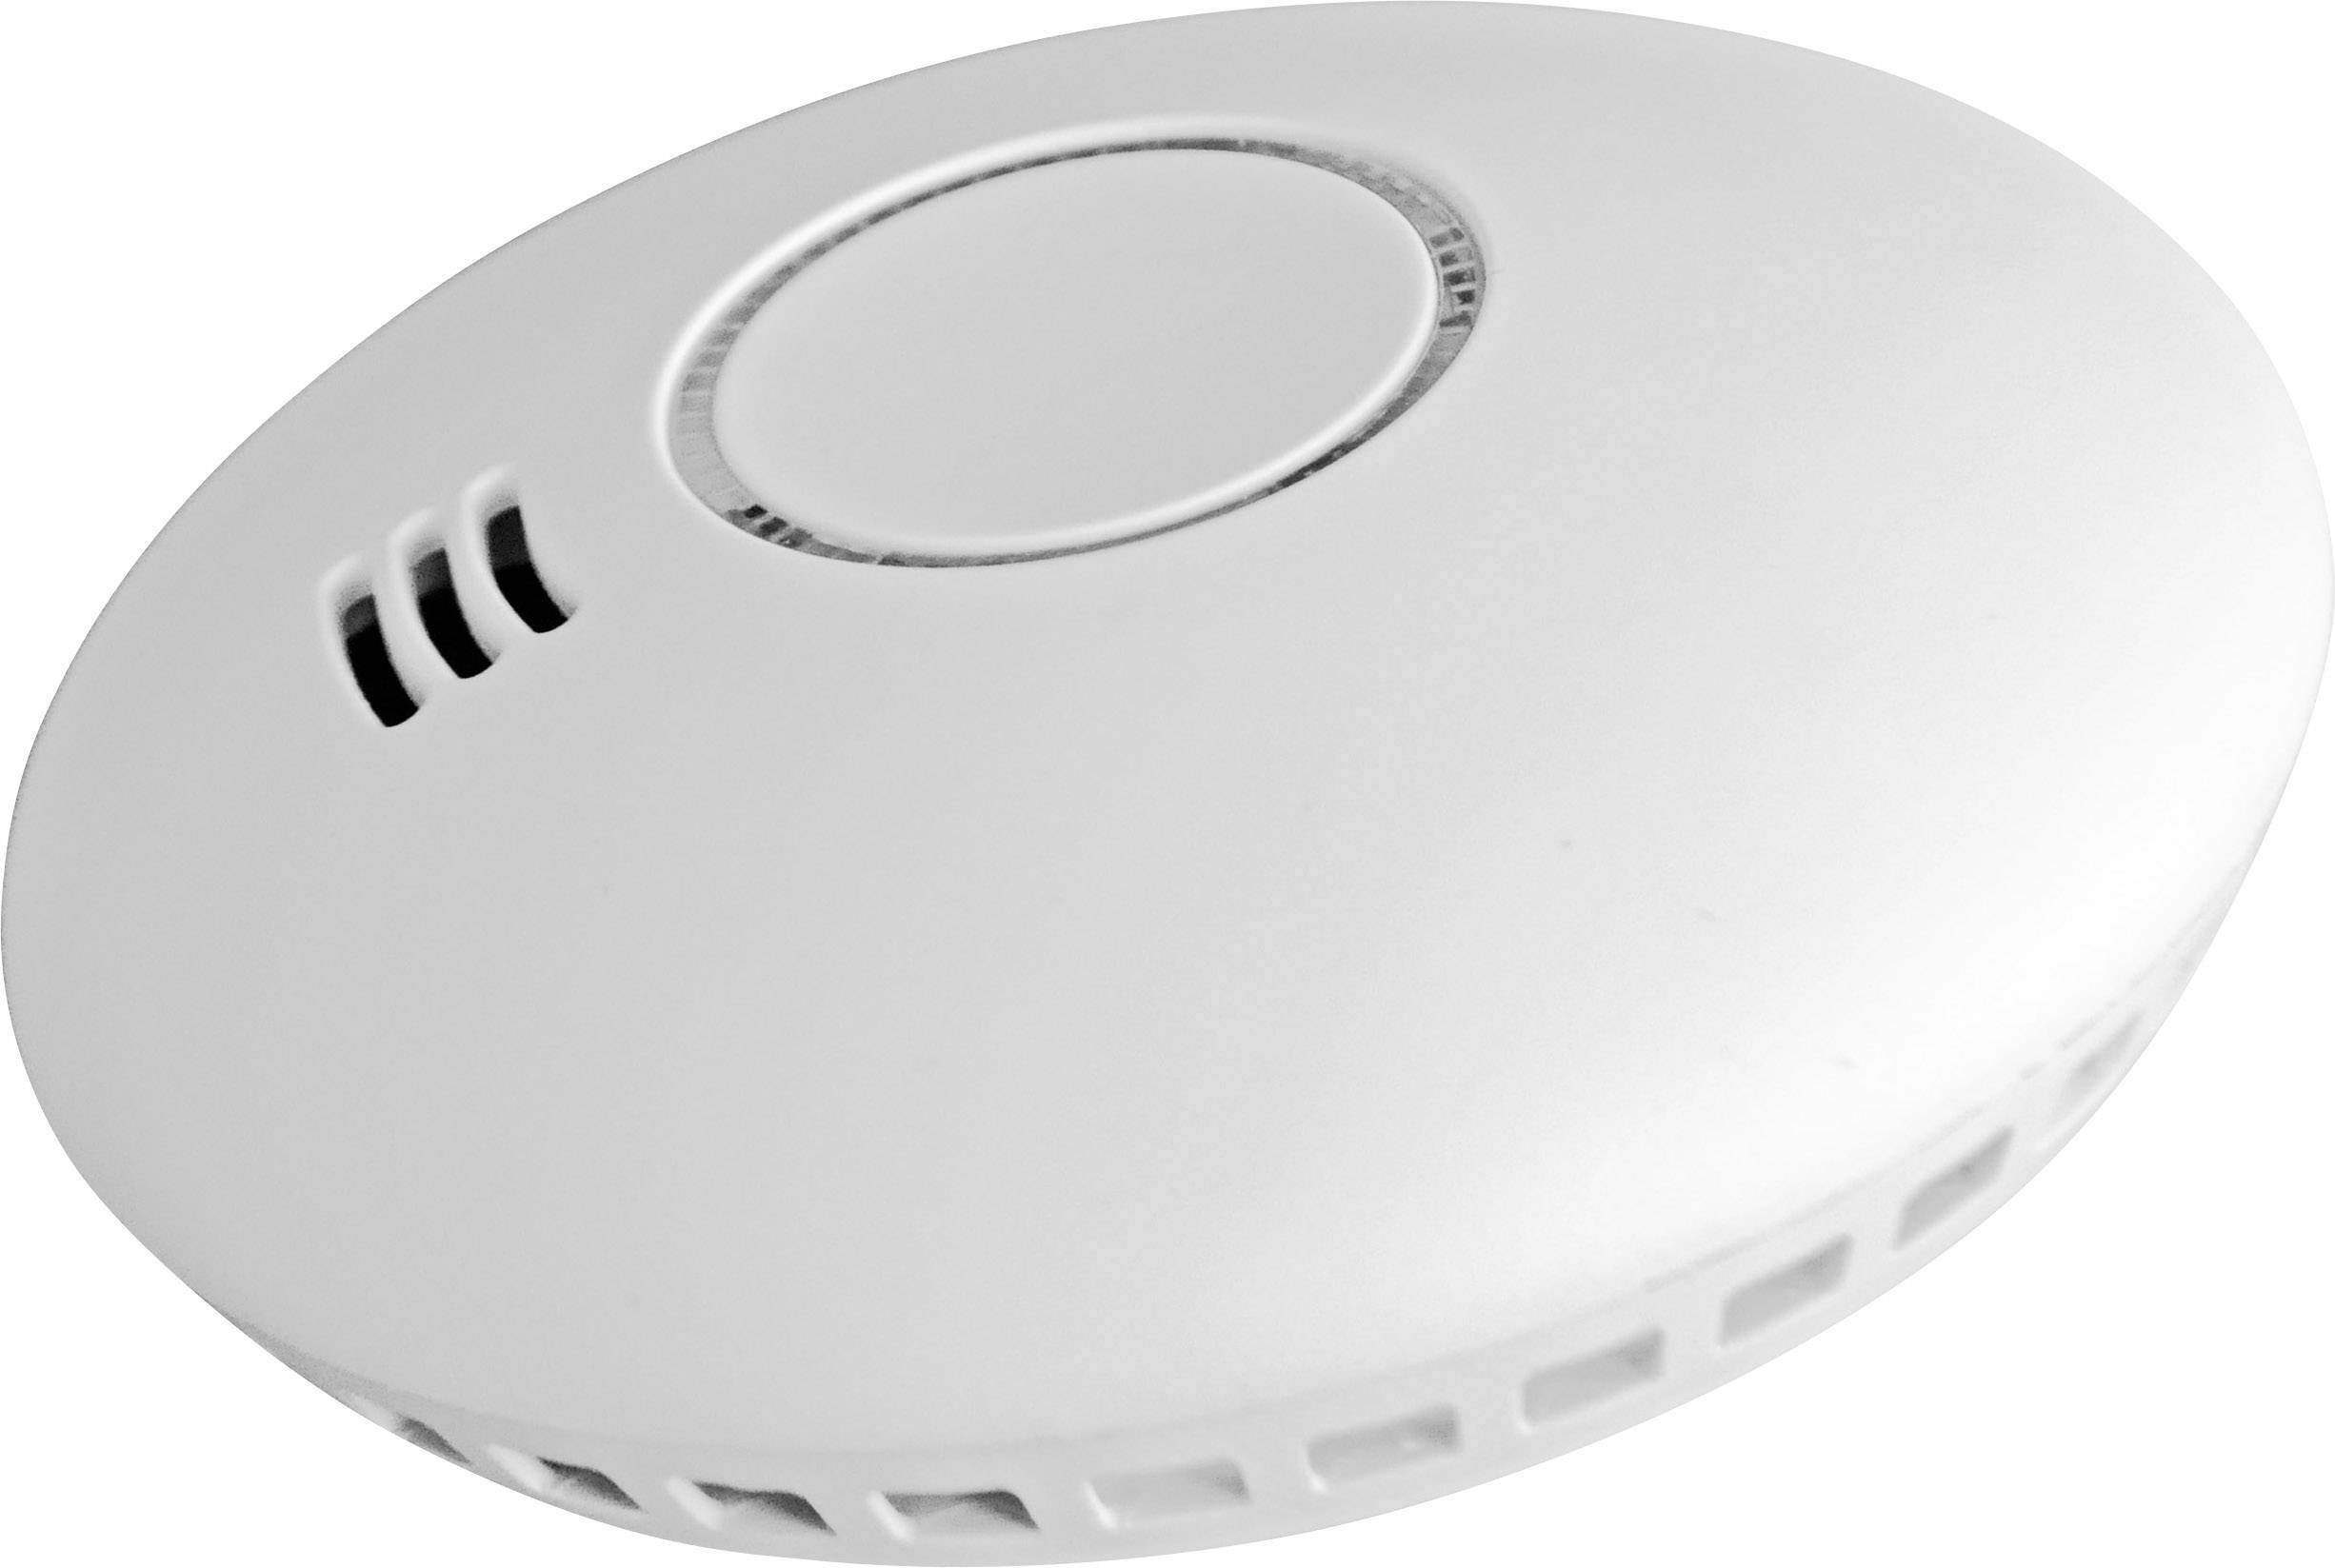 Bezdrátový detektor kouře a tepla Cordes CC-80, možnost zapojení do sítě, na baterii